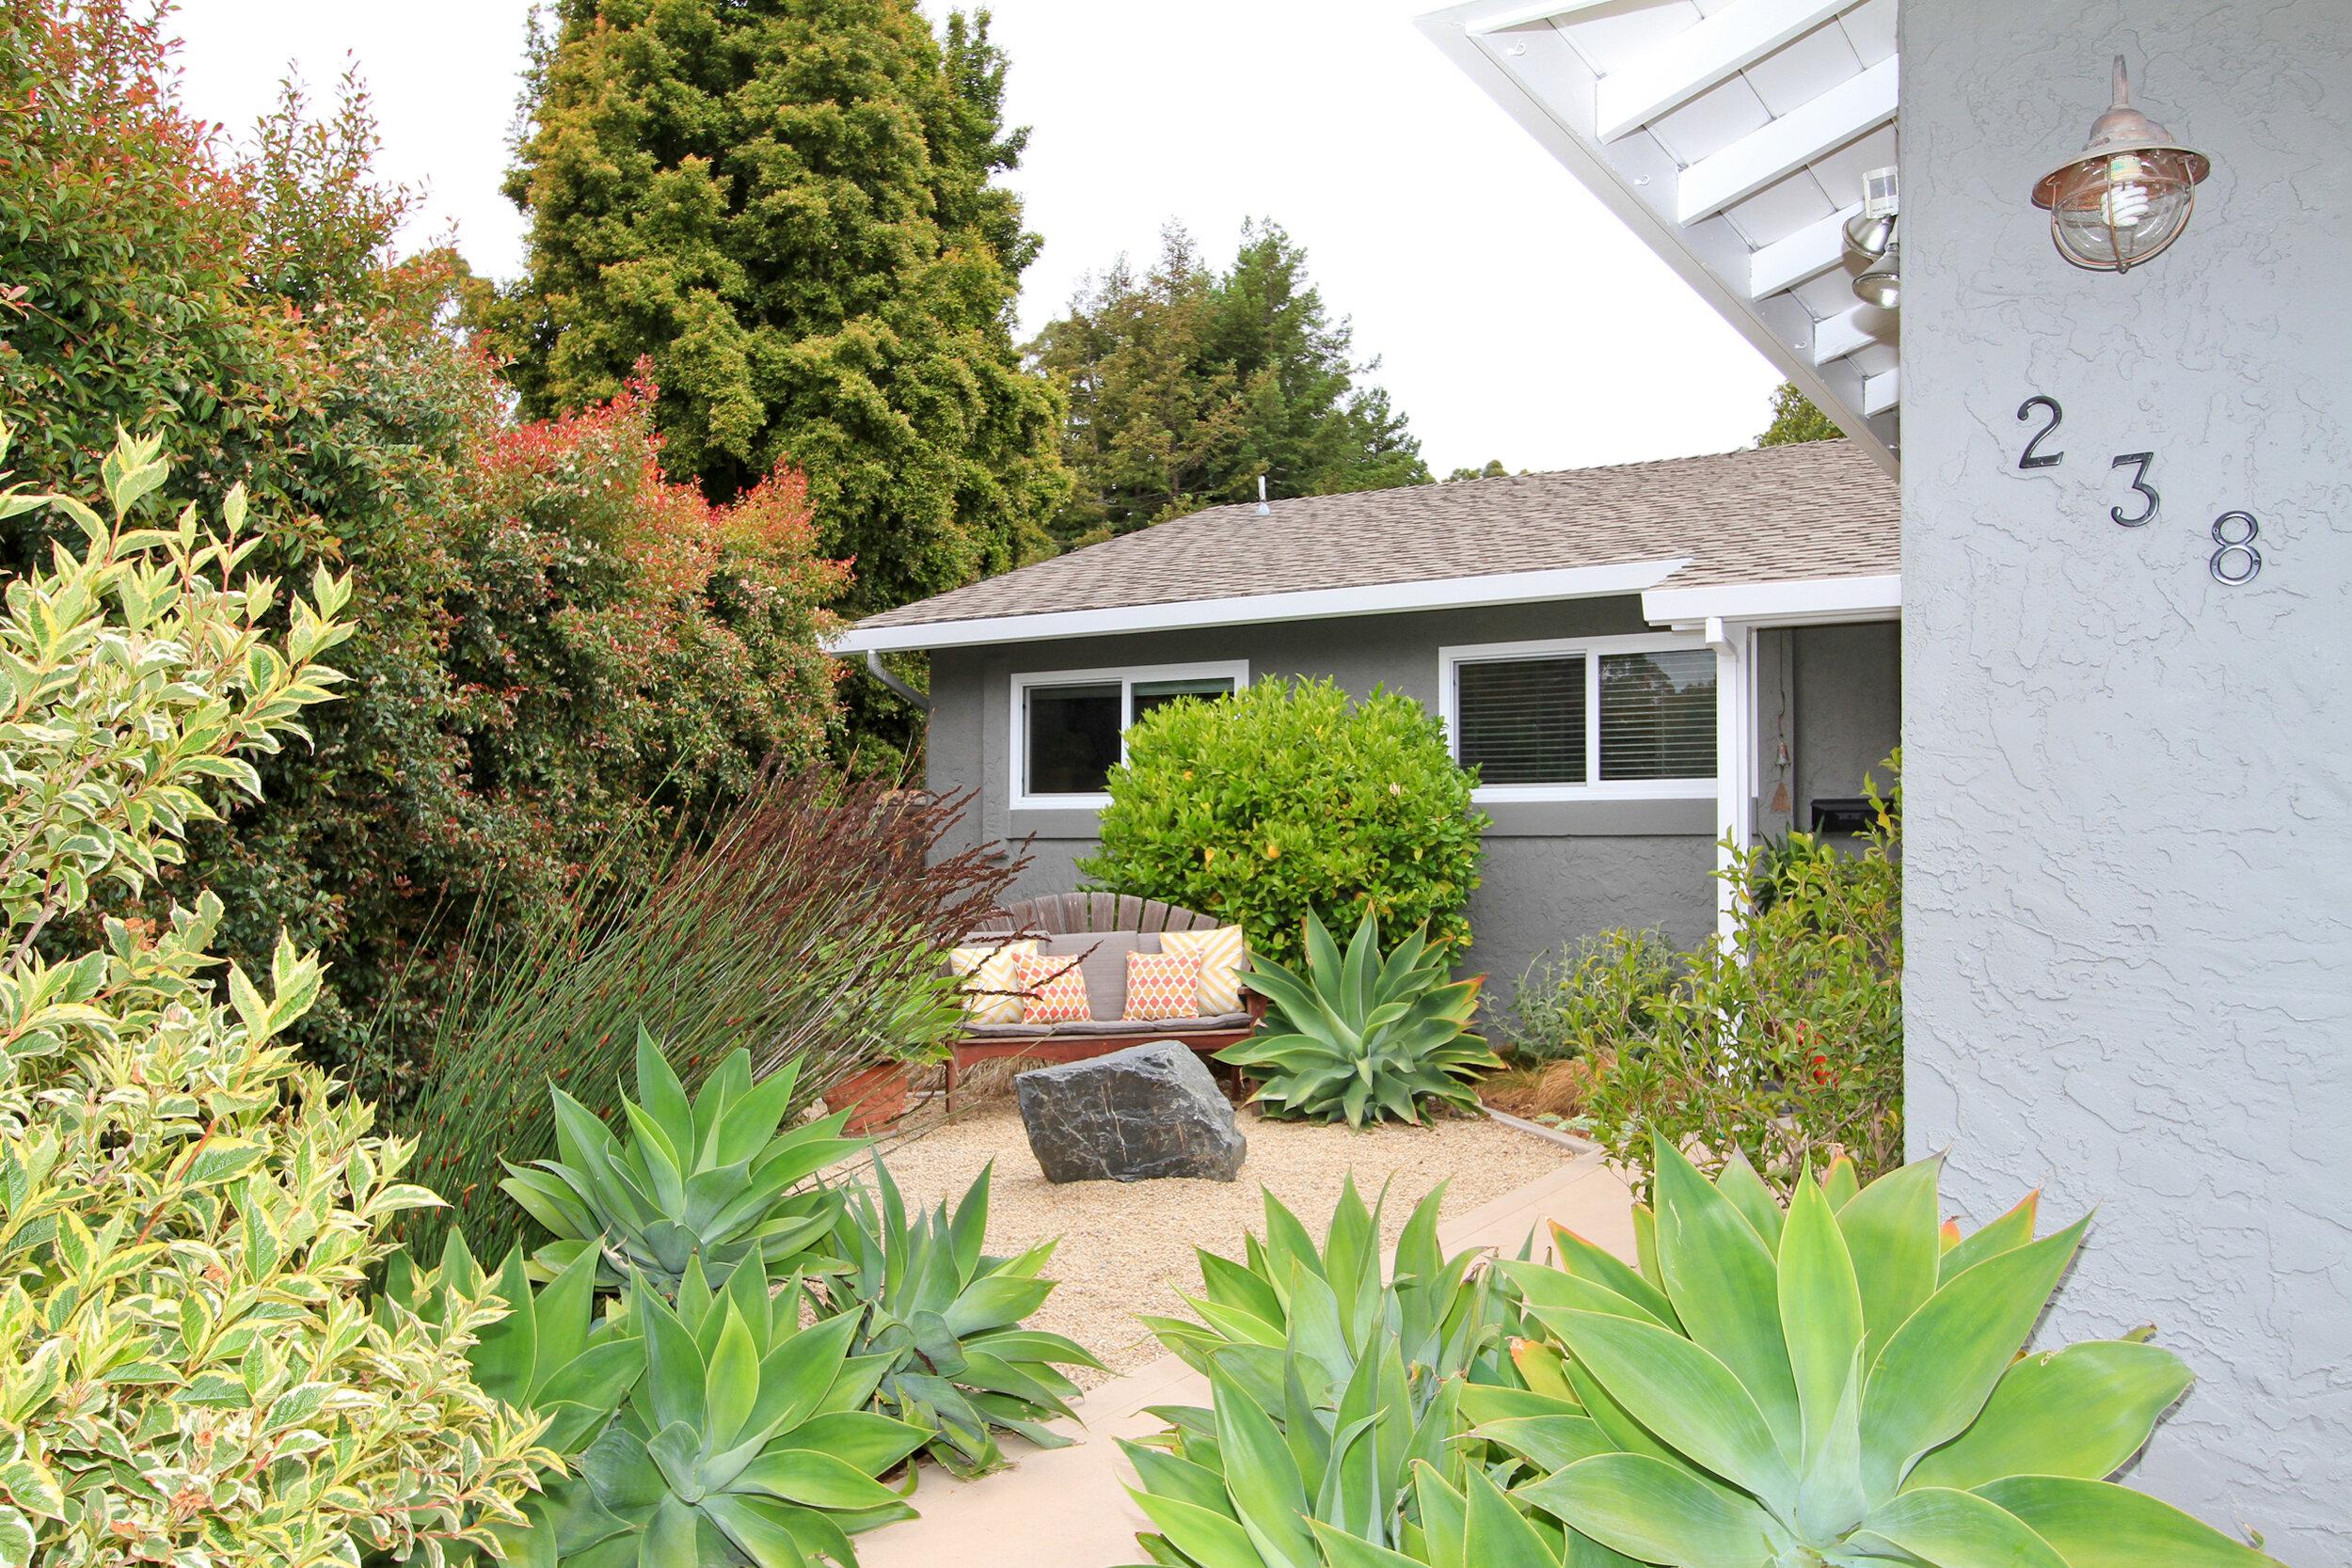 238 Calvin, Santa Cruz - Represented Seller and Buyer